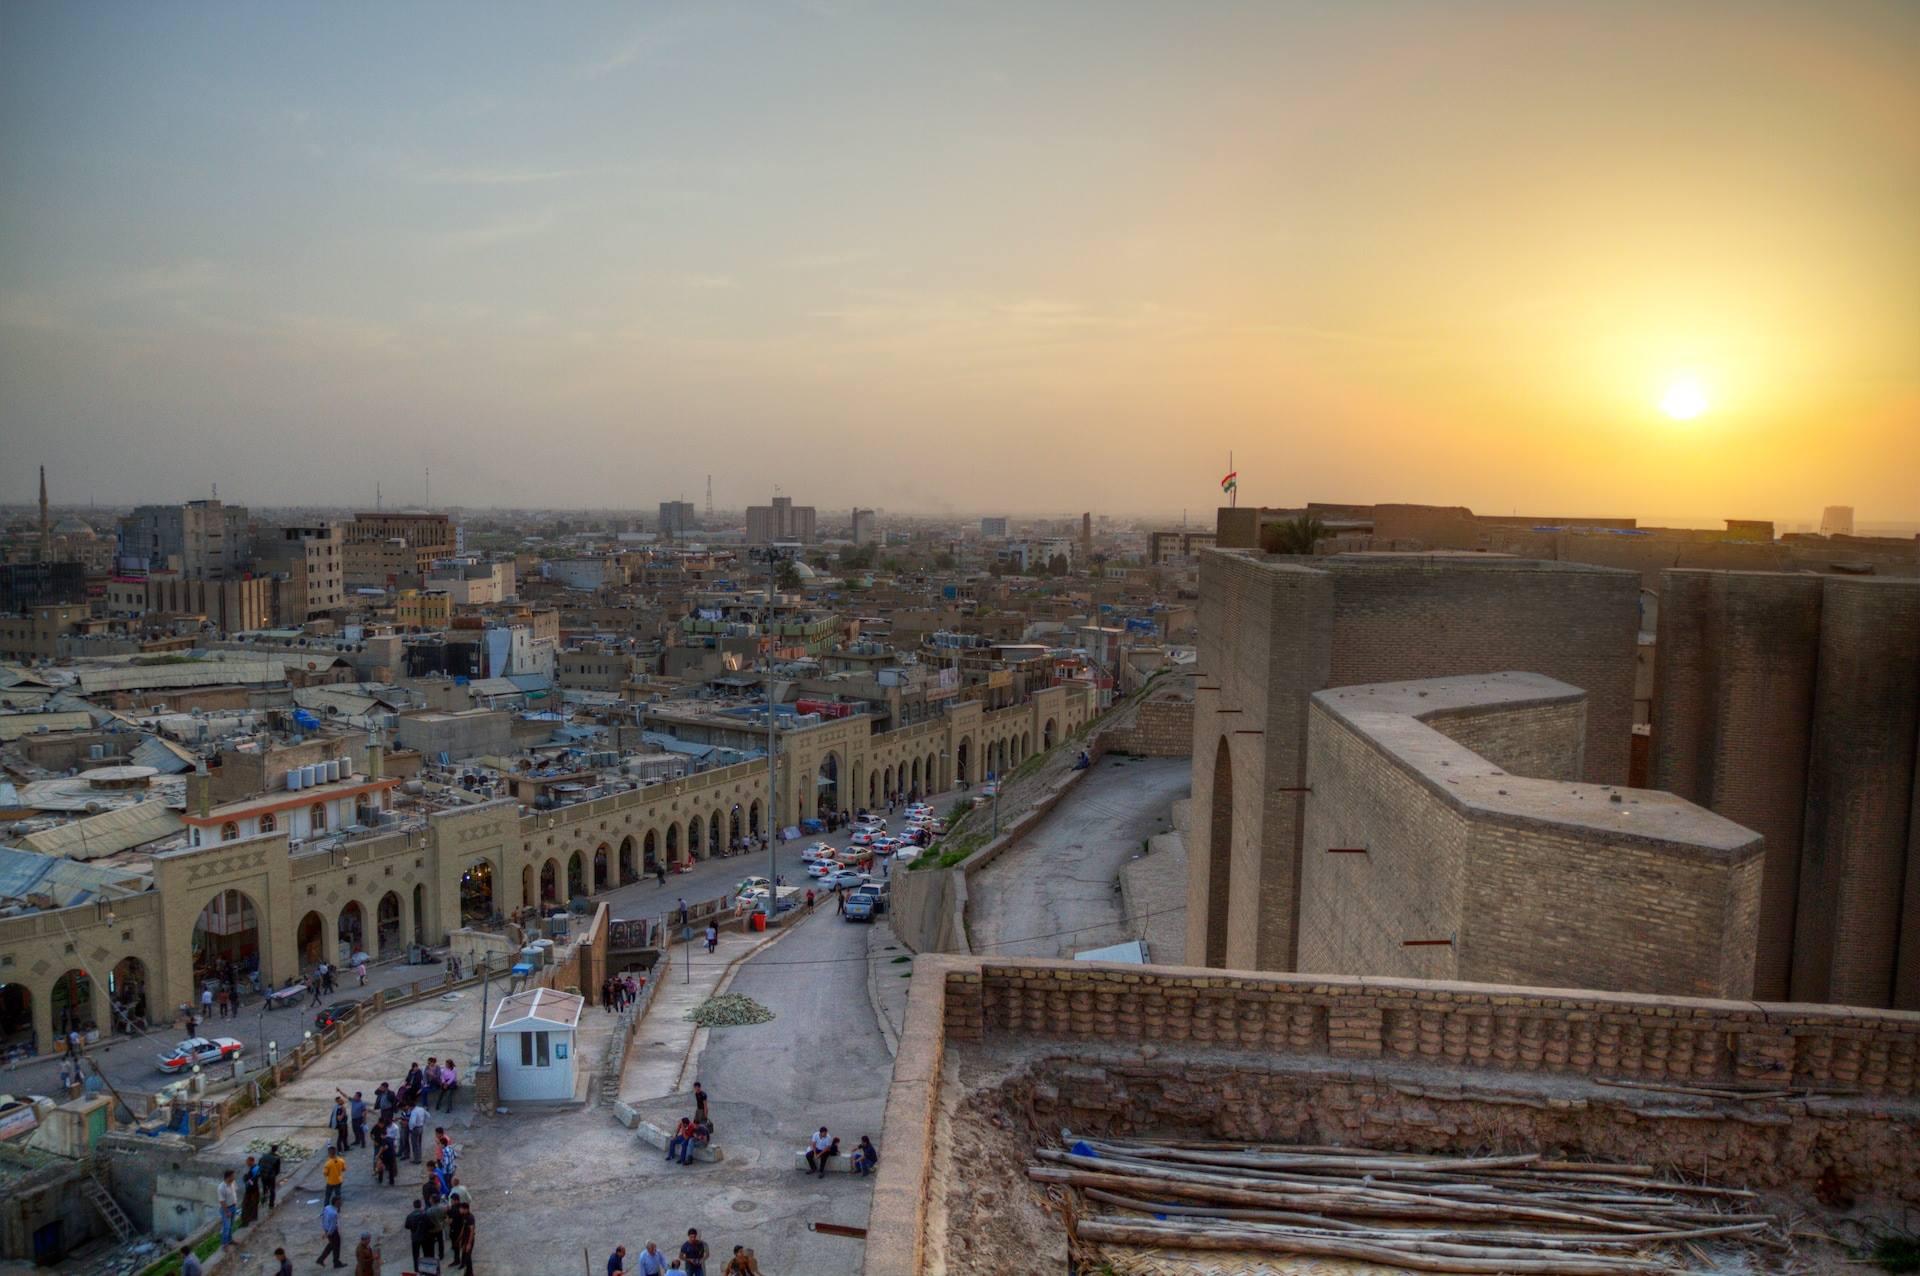 الانشطة السياحية فى المدن الشمالية فى العراق | المدن الشمالية فى العراق